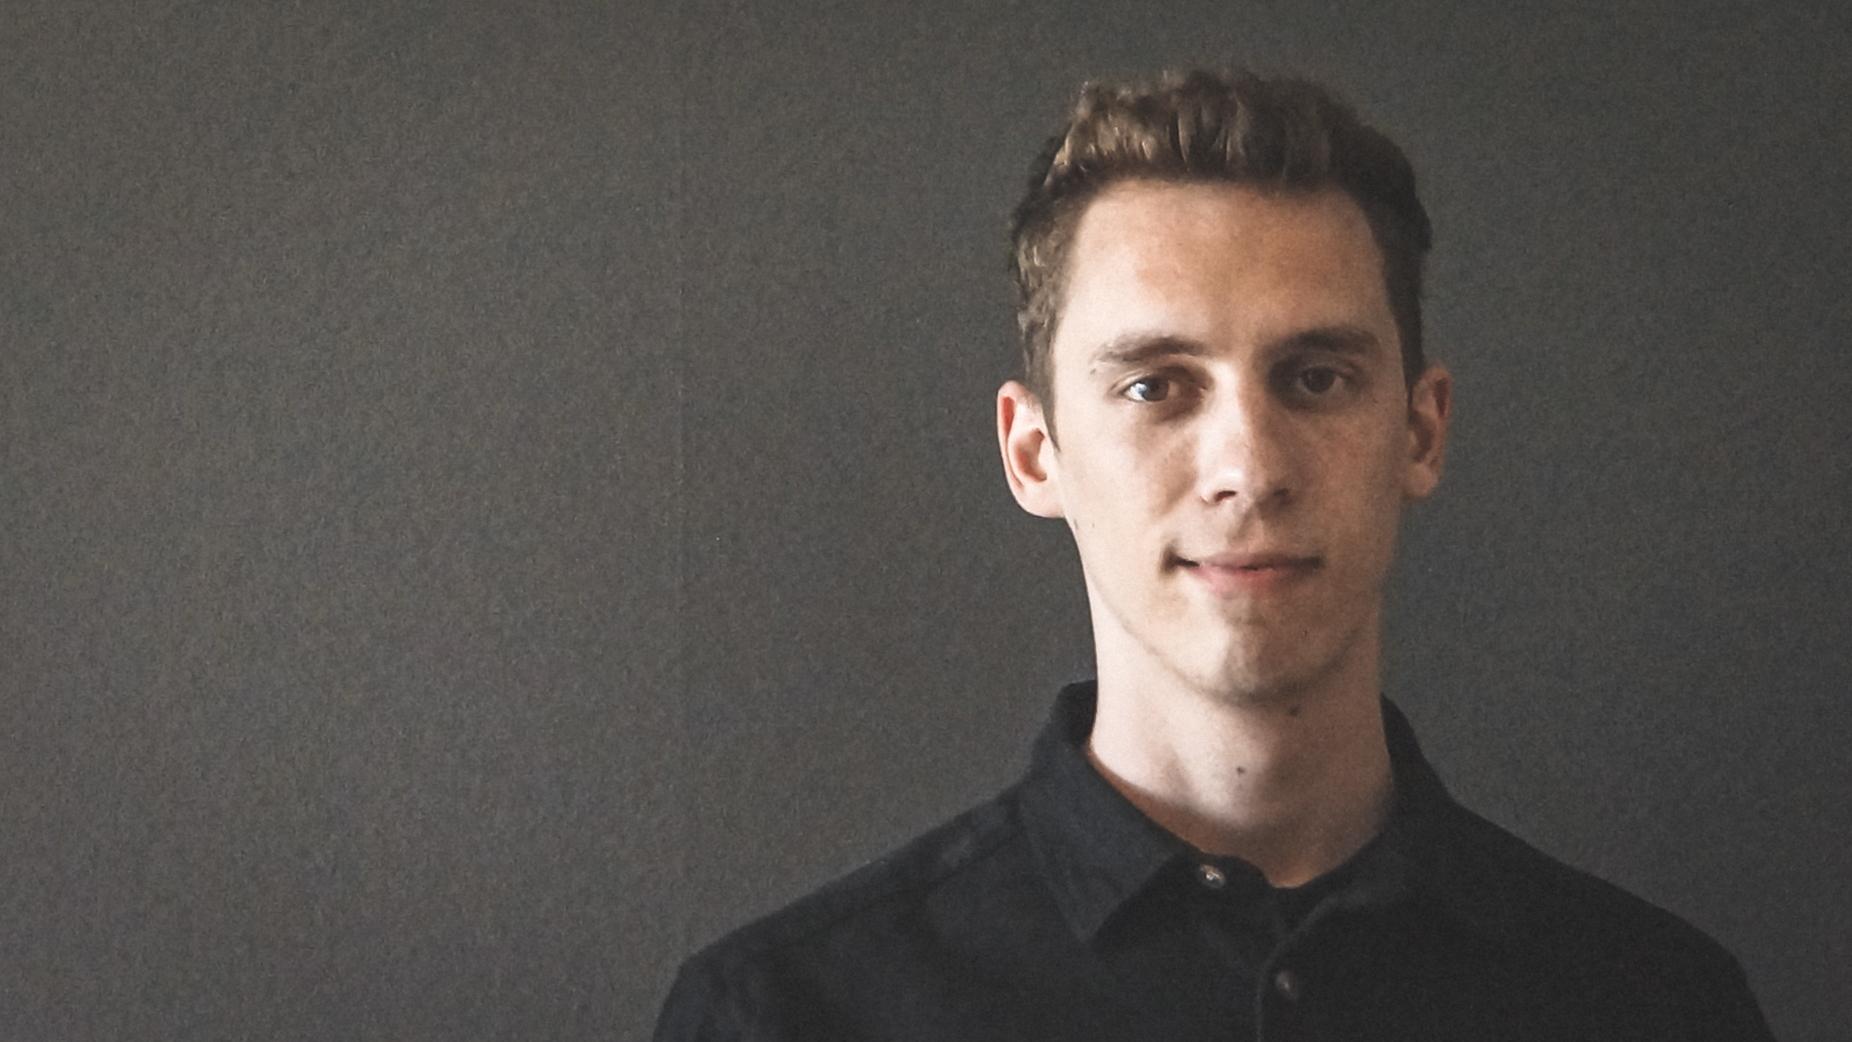 Profil billede af Bygningskonstruktør Alexander Risom